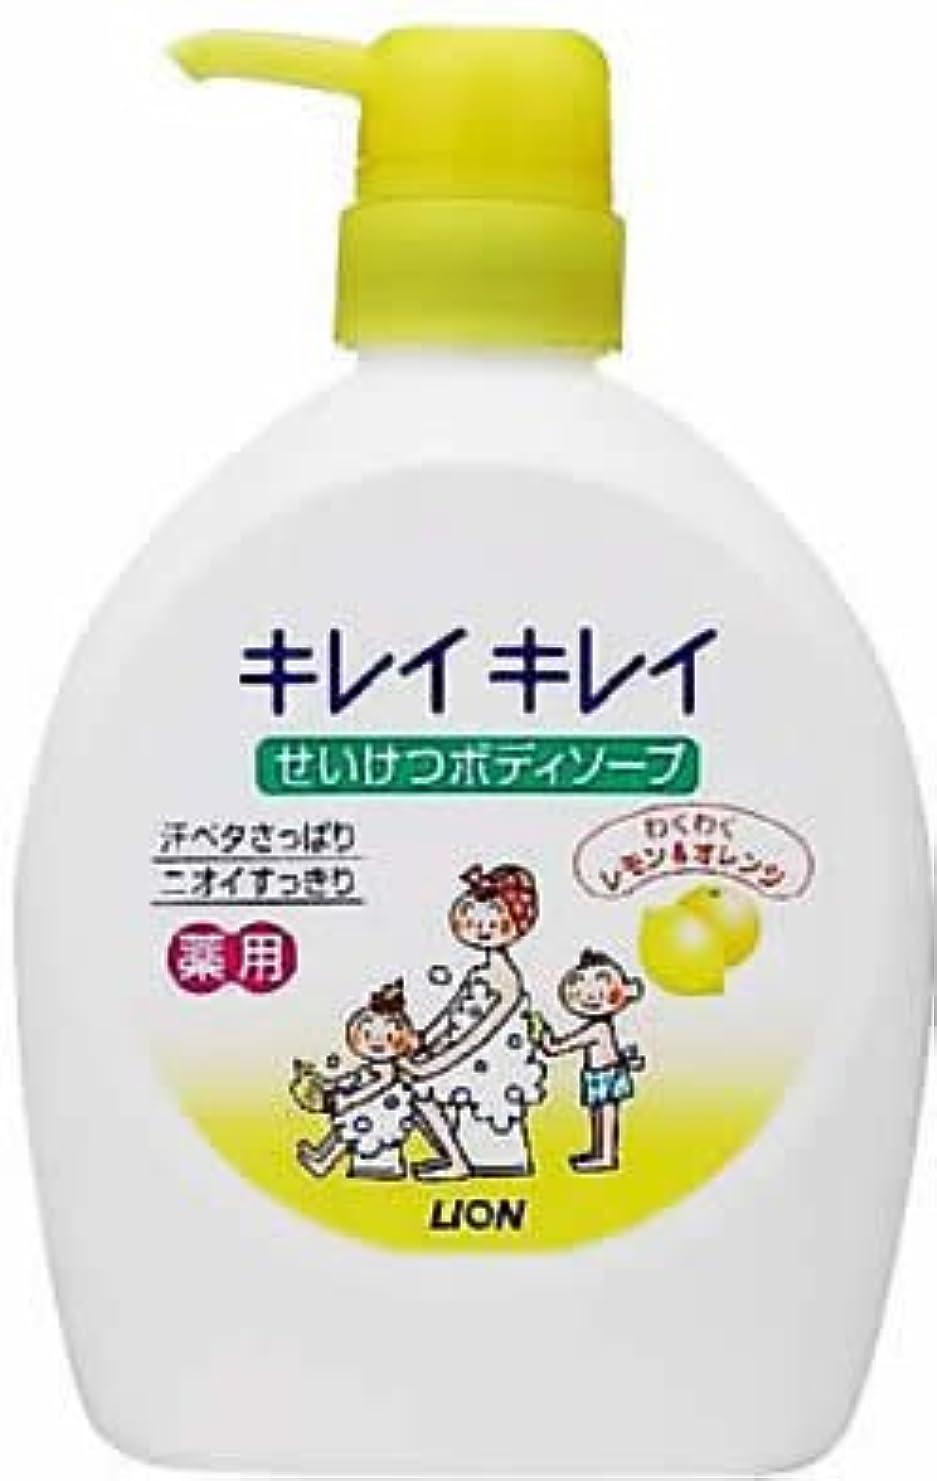 パンツアルカイックマナーキレイキレイ せいけつボディソープ わくわくレモン&オレンジの香り 本体ポンプ 580ml